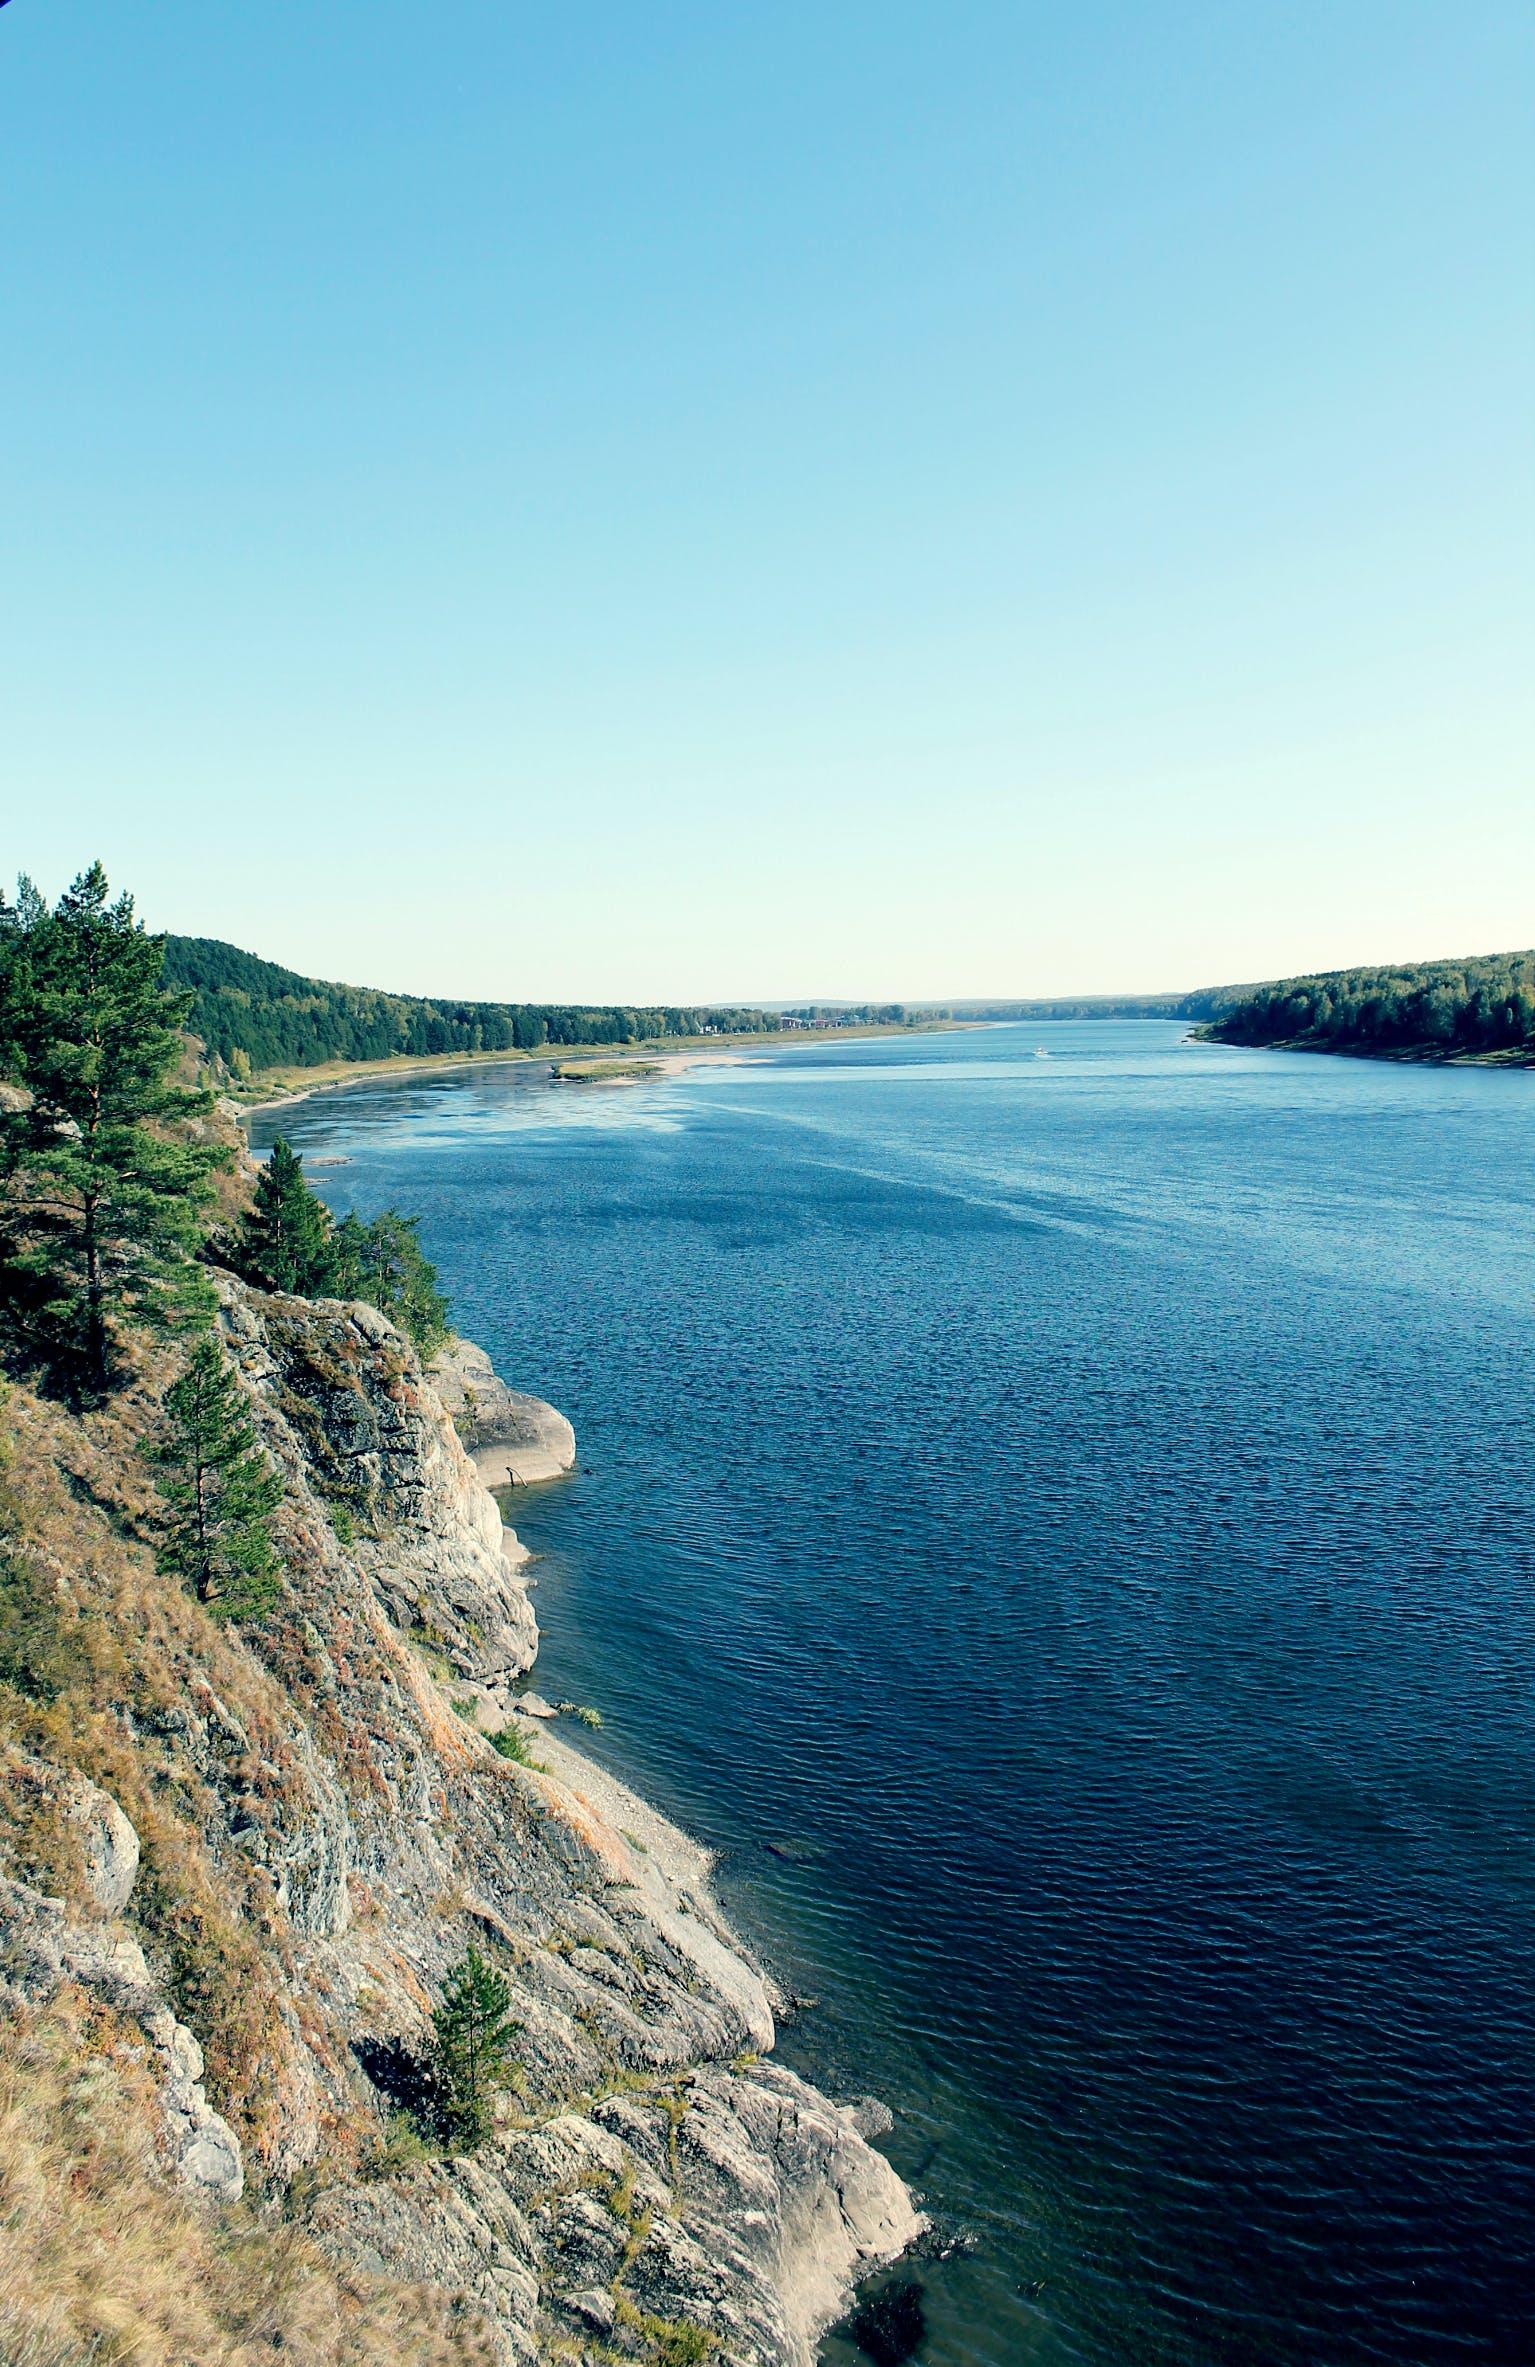 Free stock photo of река, siberia